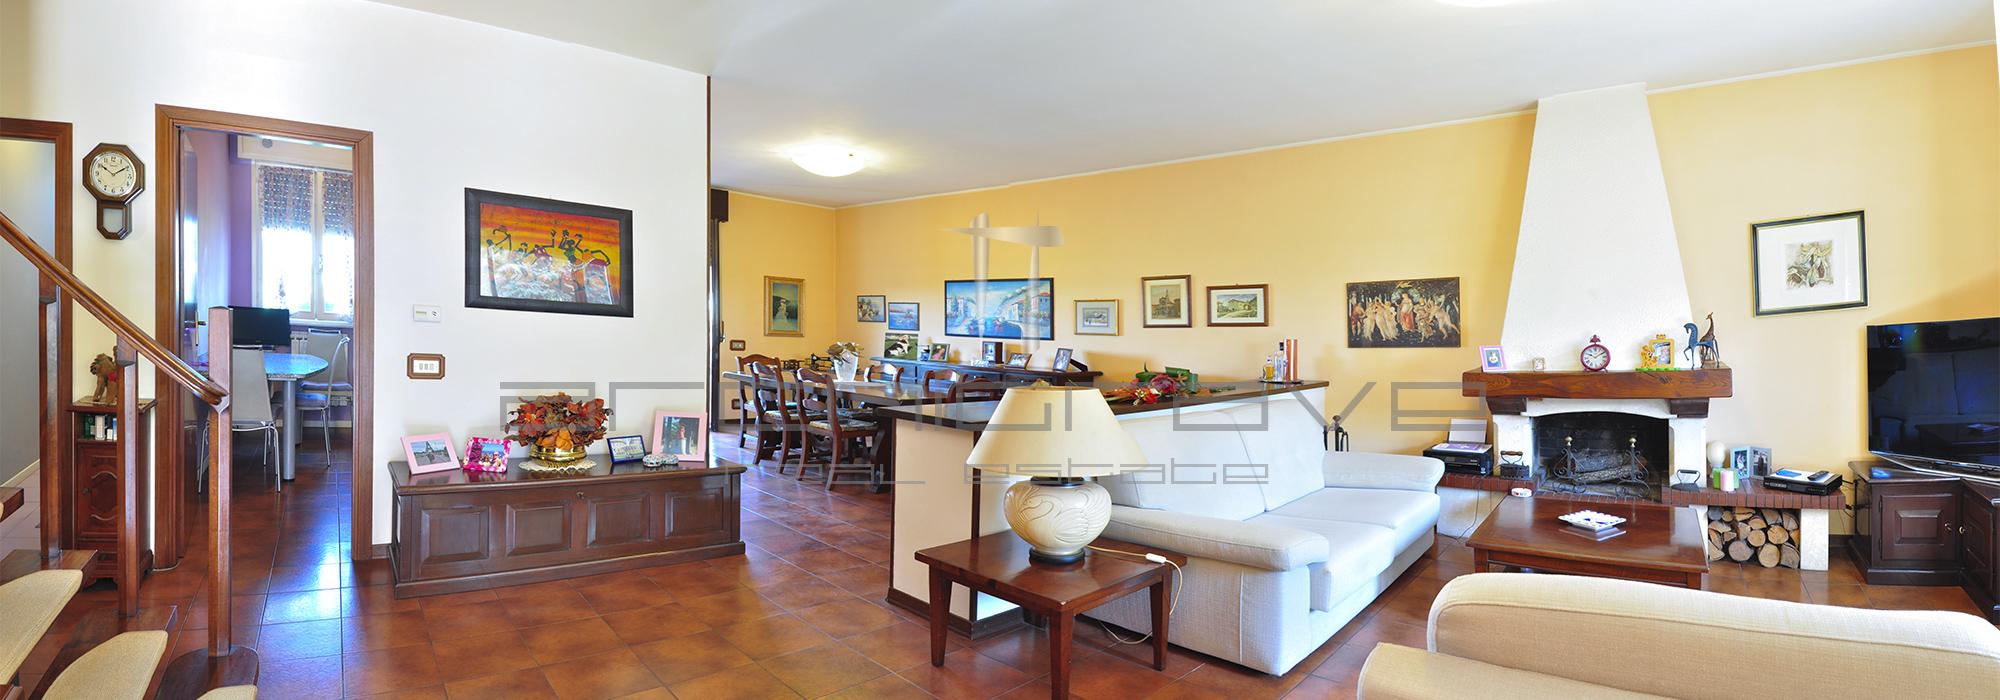 Villa a schiera di testa Formigine – Rif 622